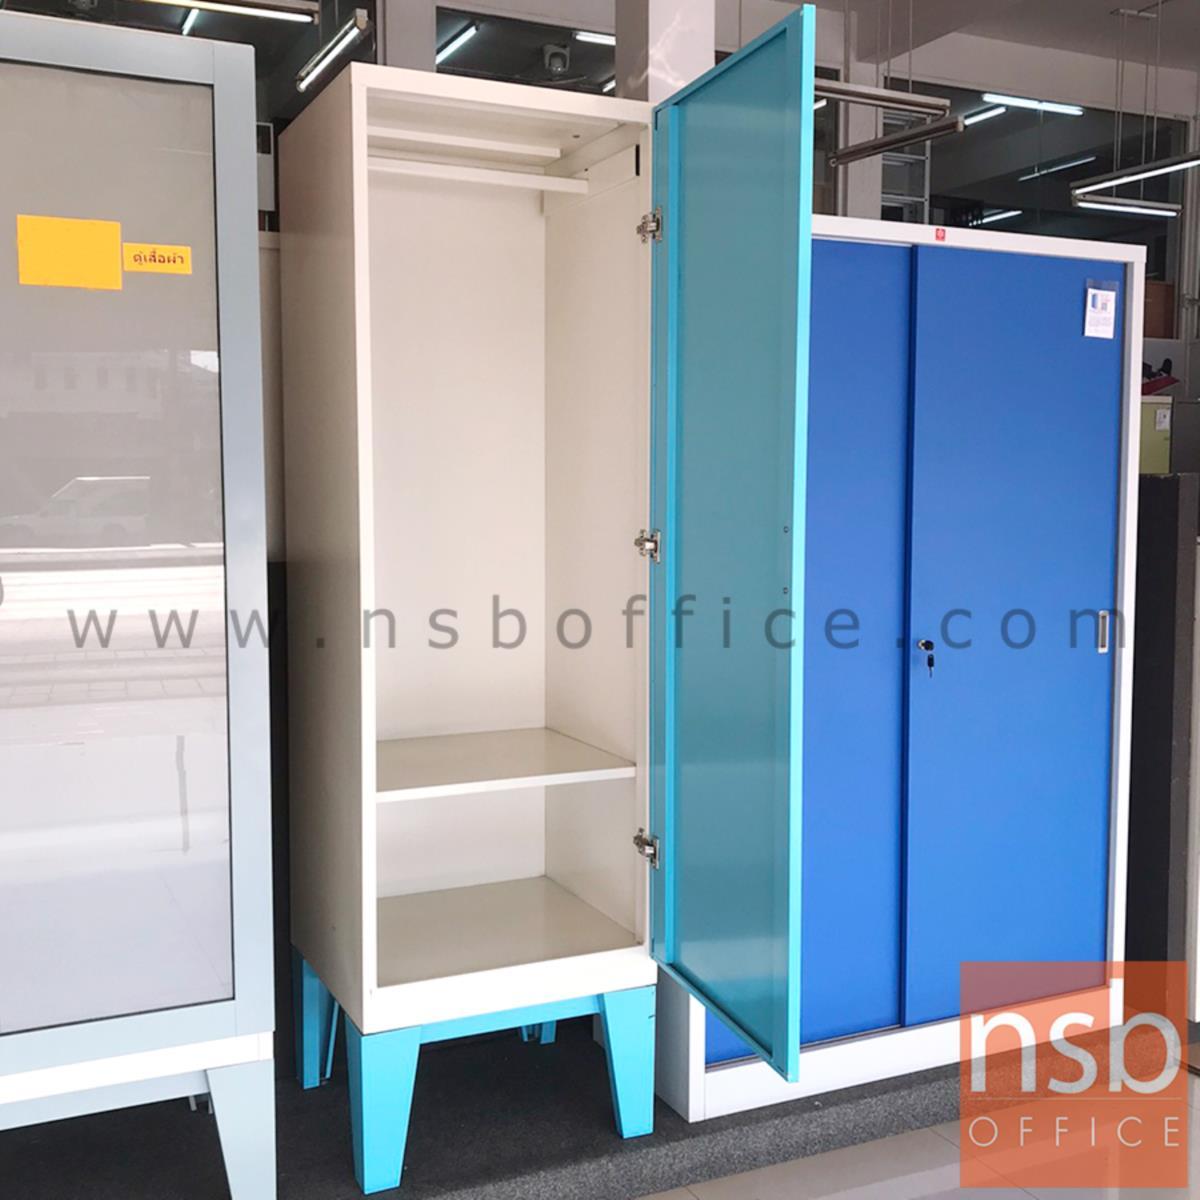 ตู้เสื้อผ้าเหล็ก 1 บานเปิด  ขนาด 60W*200H cm. สีขาว-ฟ้า